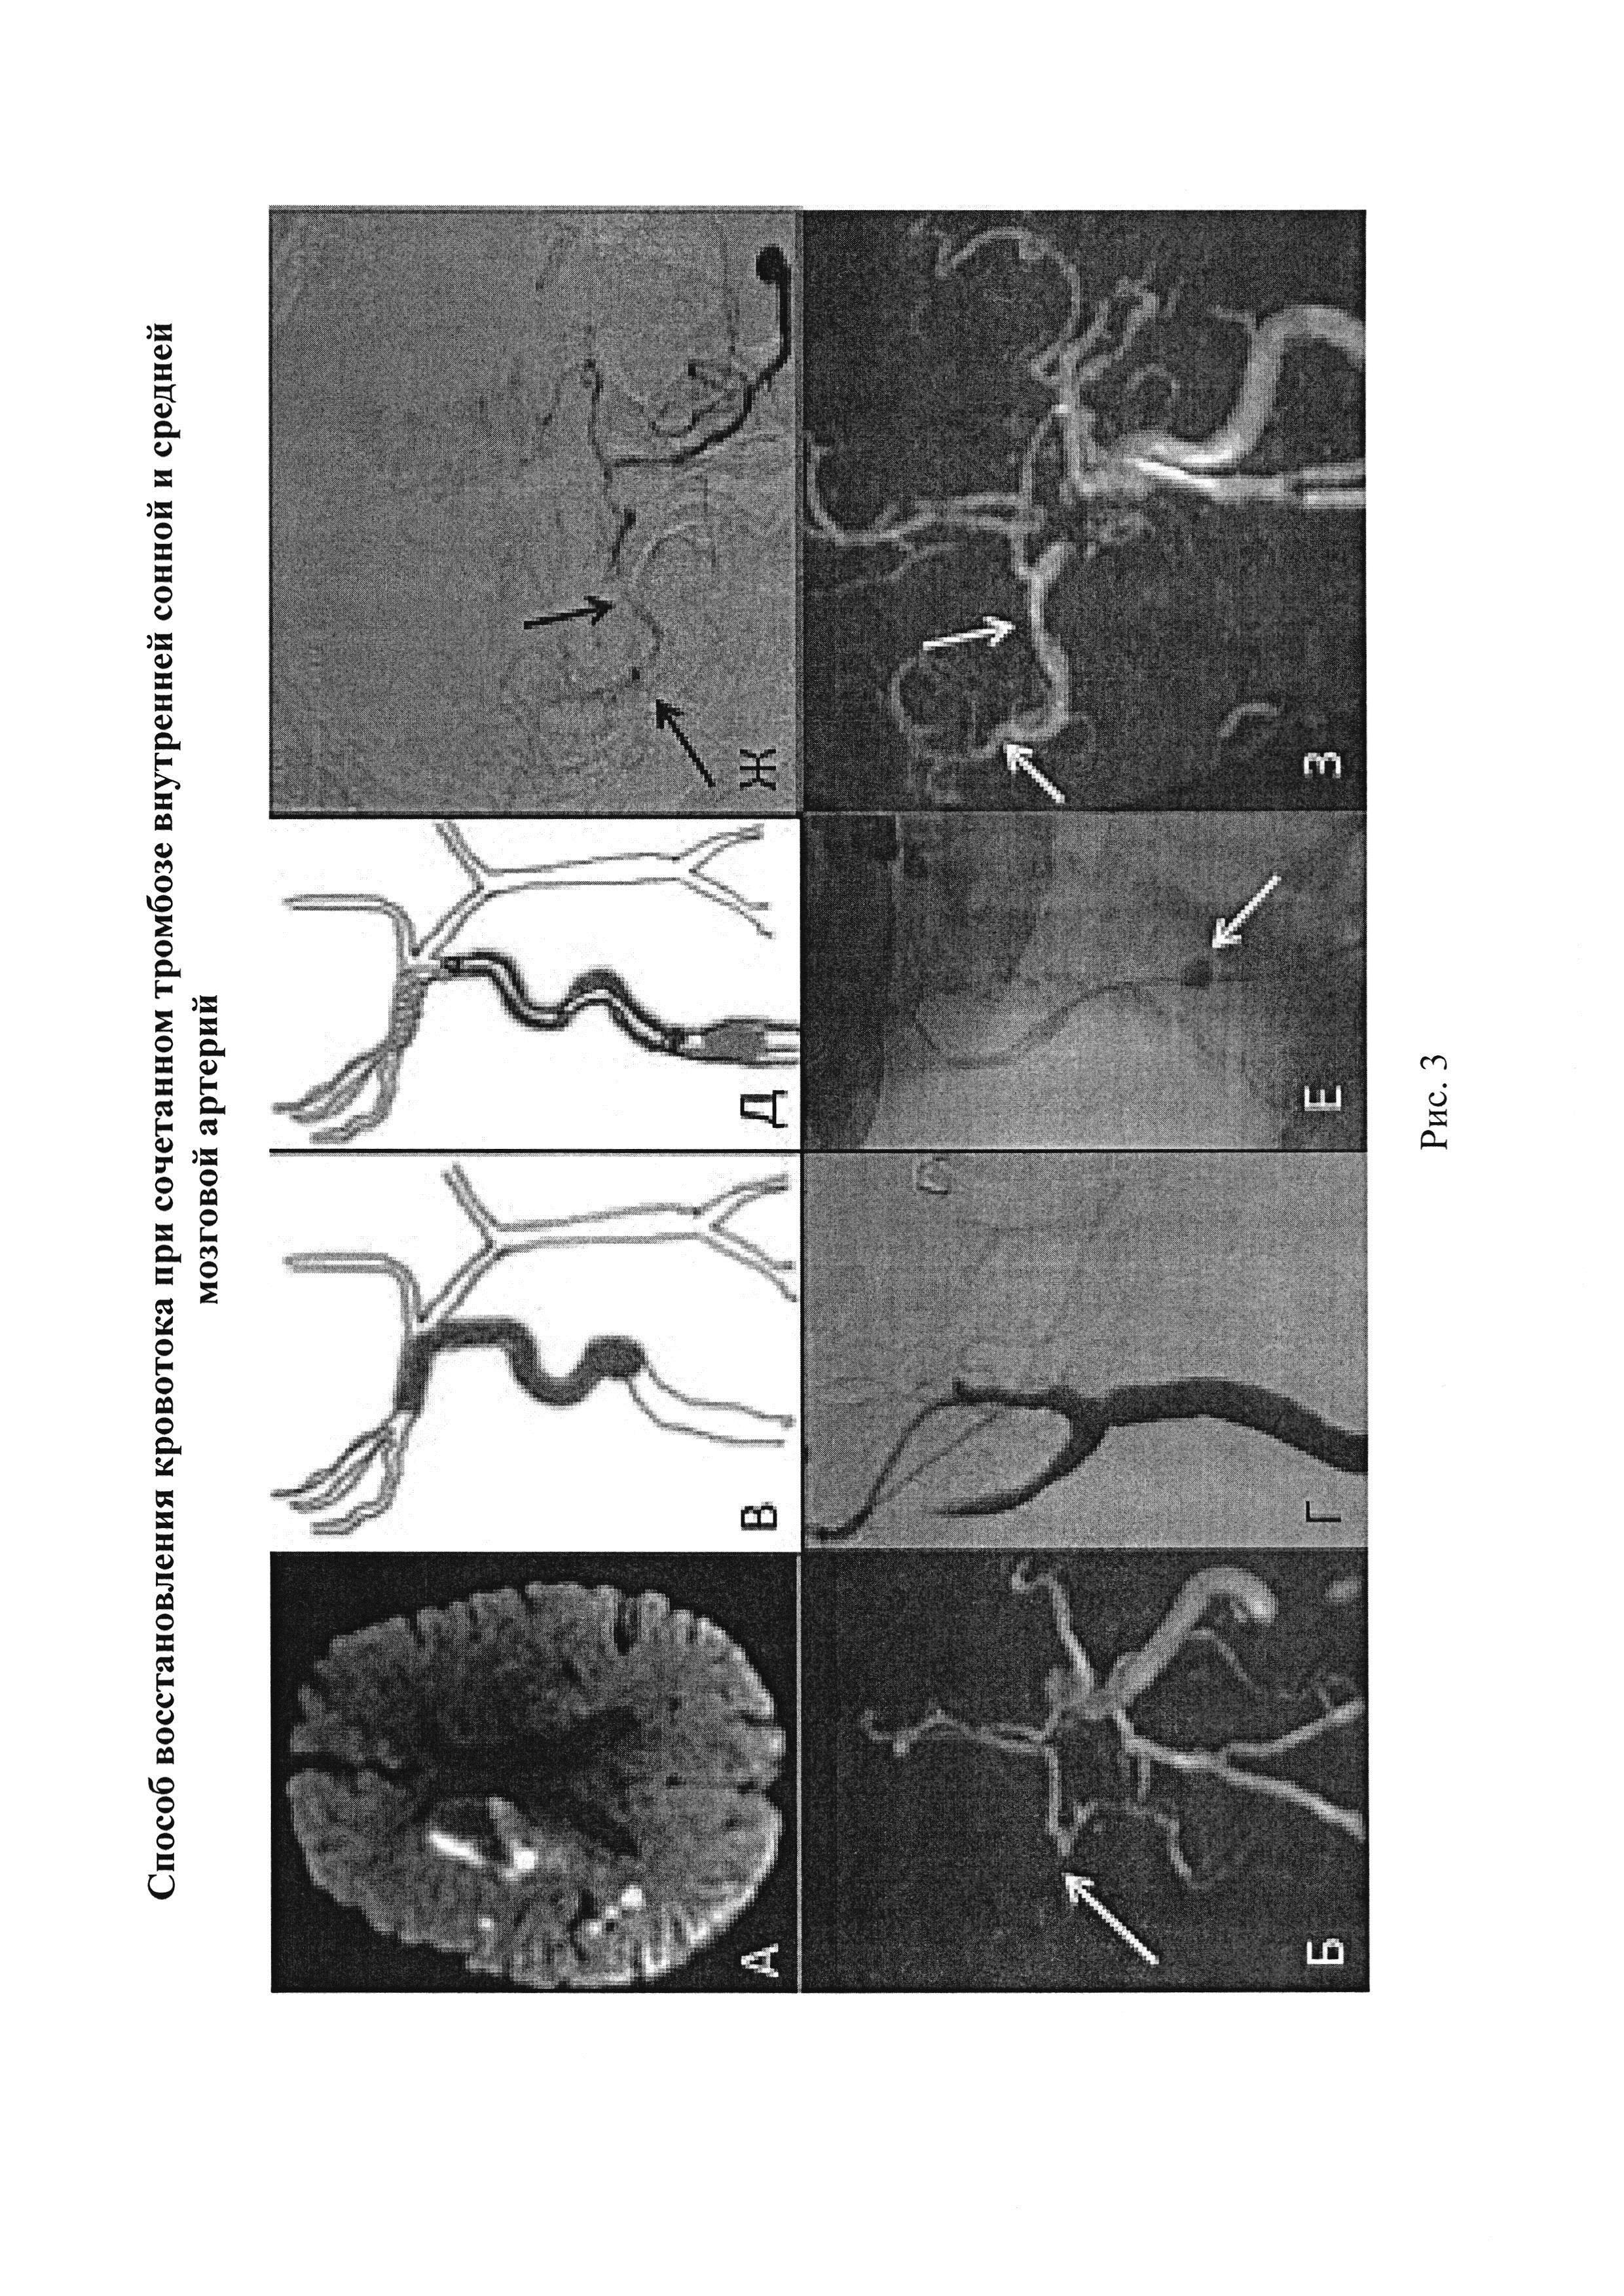 Способ восстановления кровотока при сочетанном тромбозе внутренней сонной и средней мозговой артерий